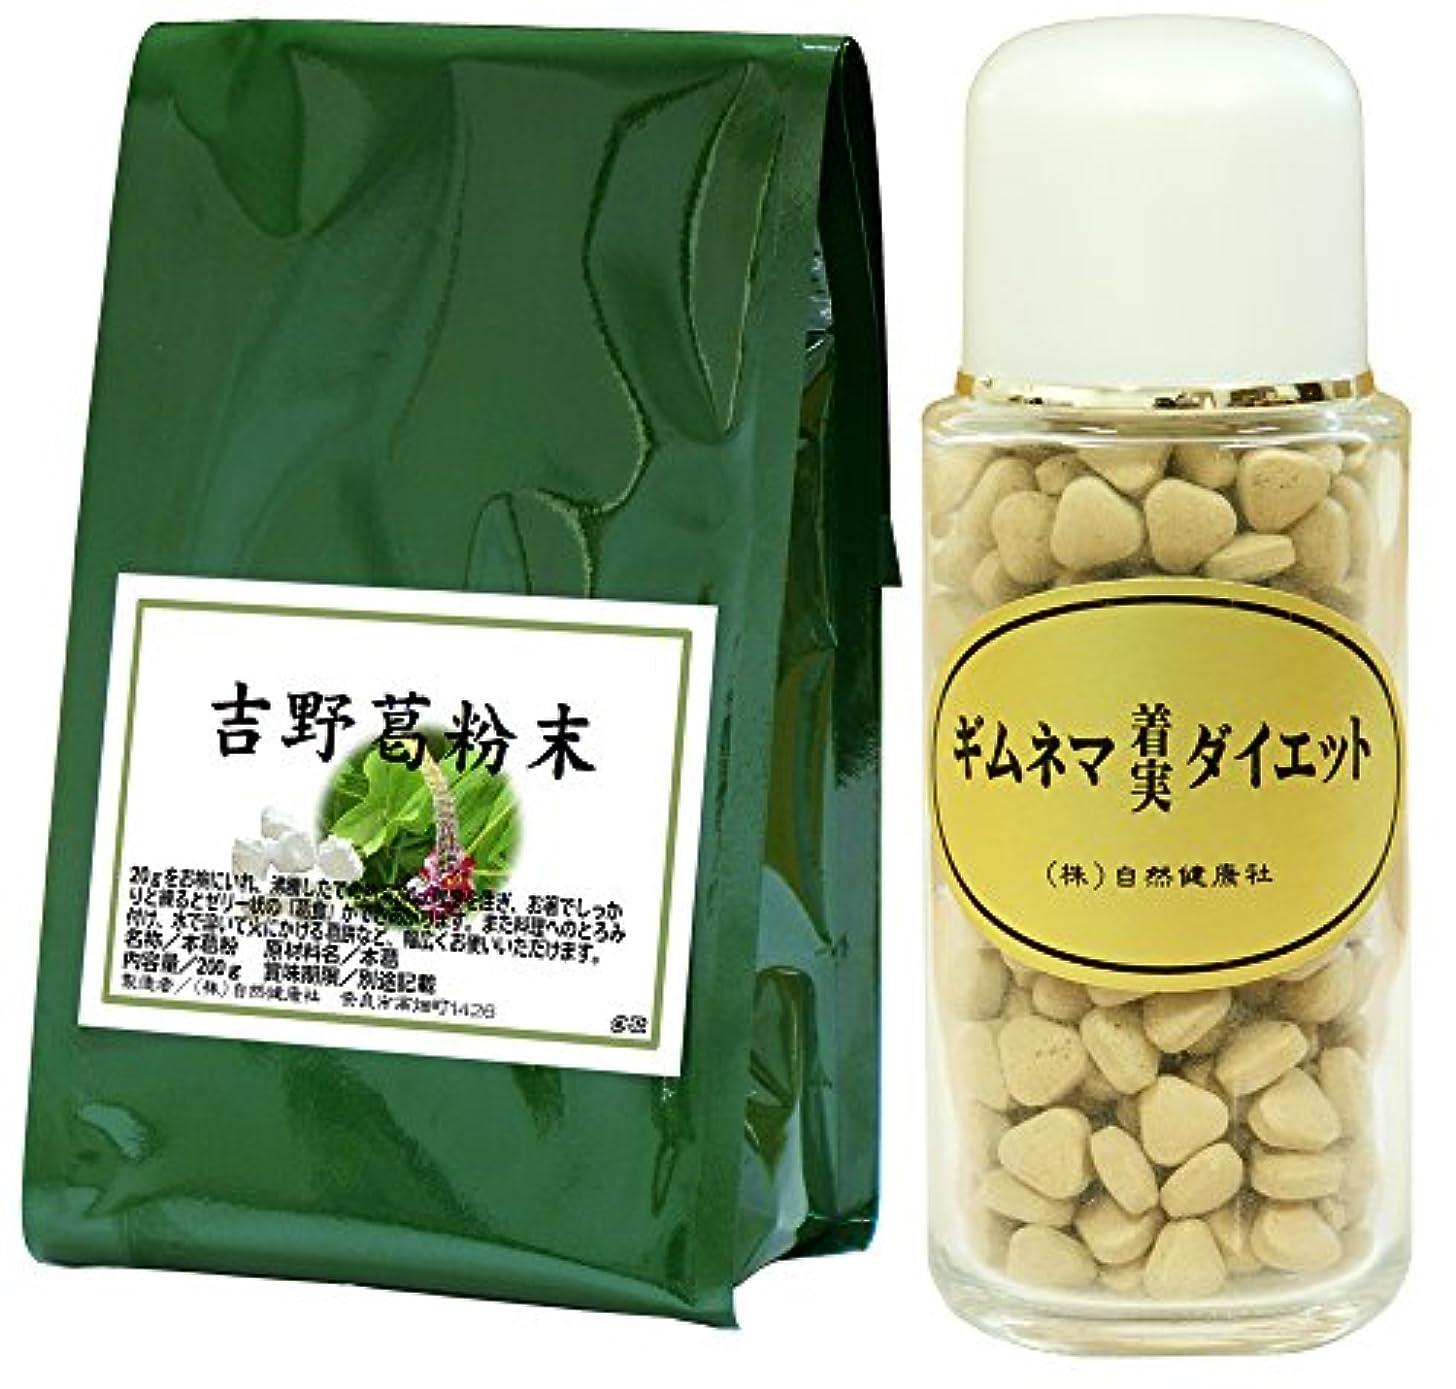 送るペネロペ賢い自然健康社 国産吉野葛粉末 200g + ギムネマダイエット 90g